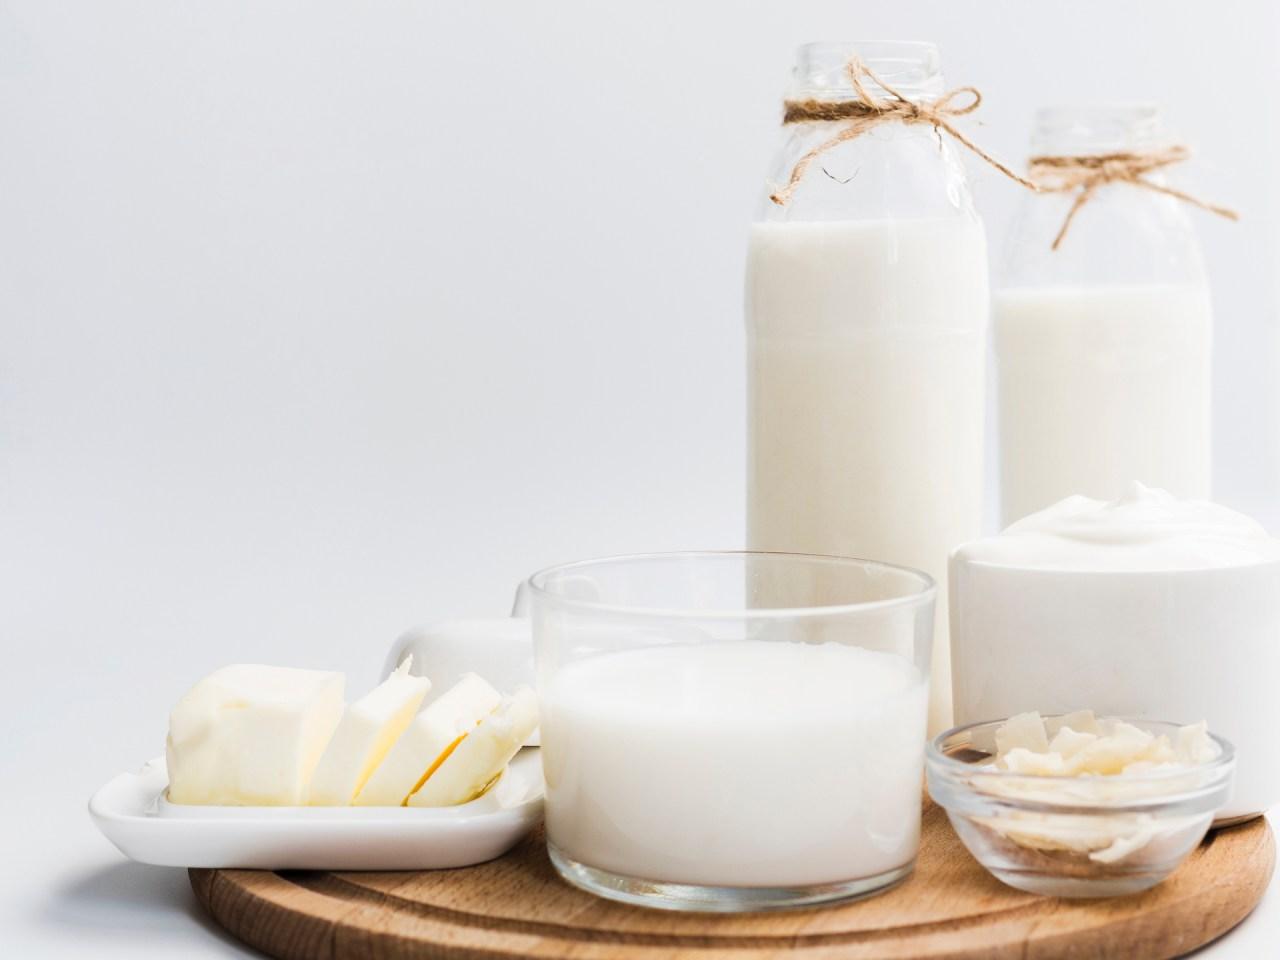 Bơ và các loại chất béo trong làm bánh - Bakez.vn